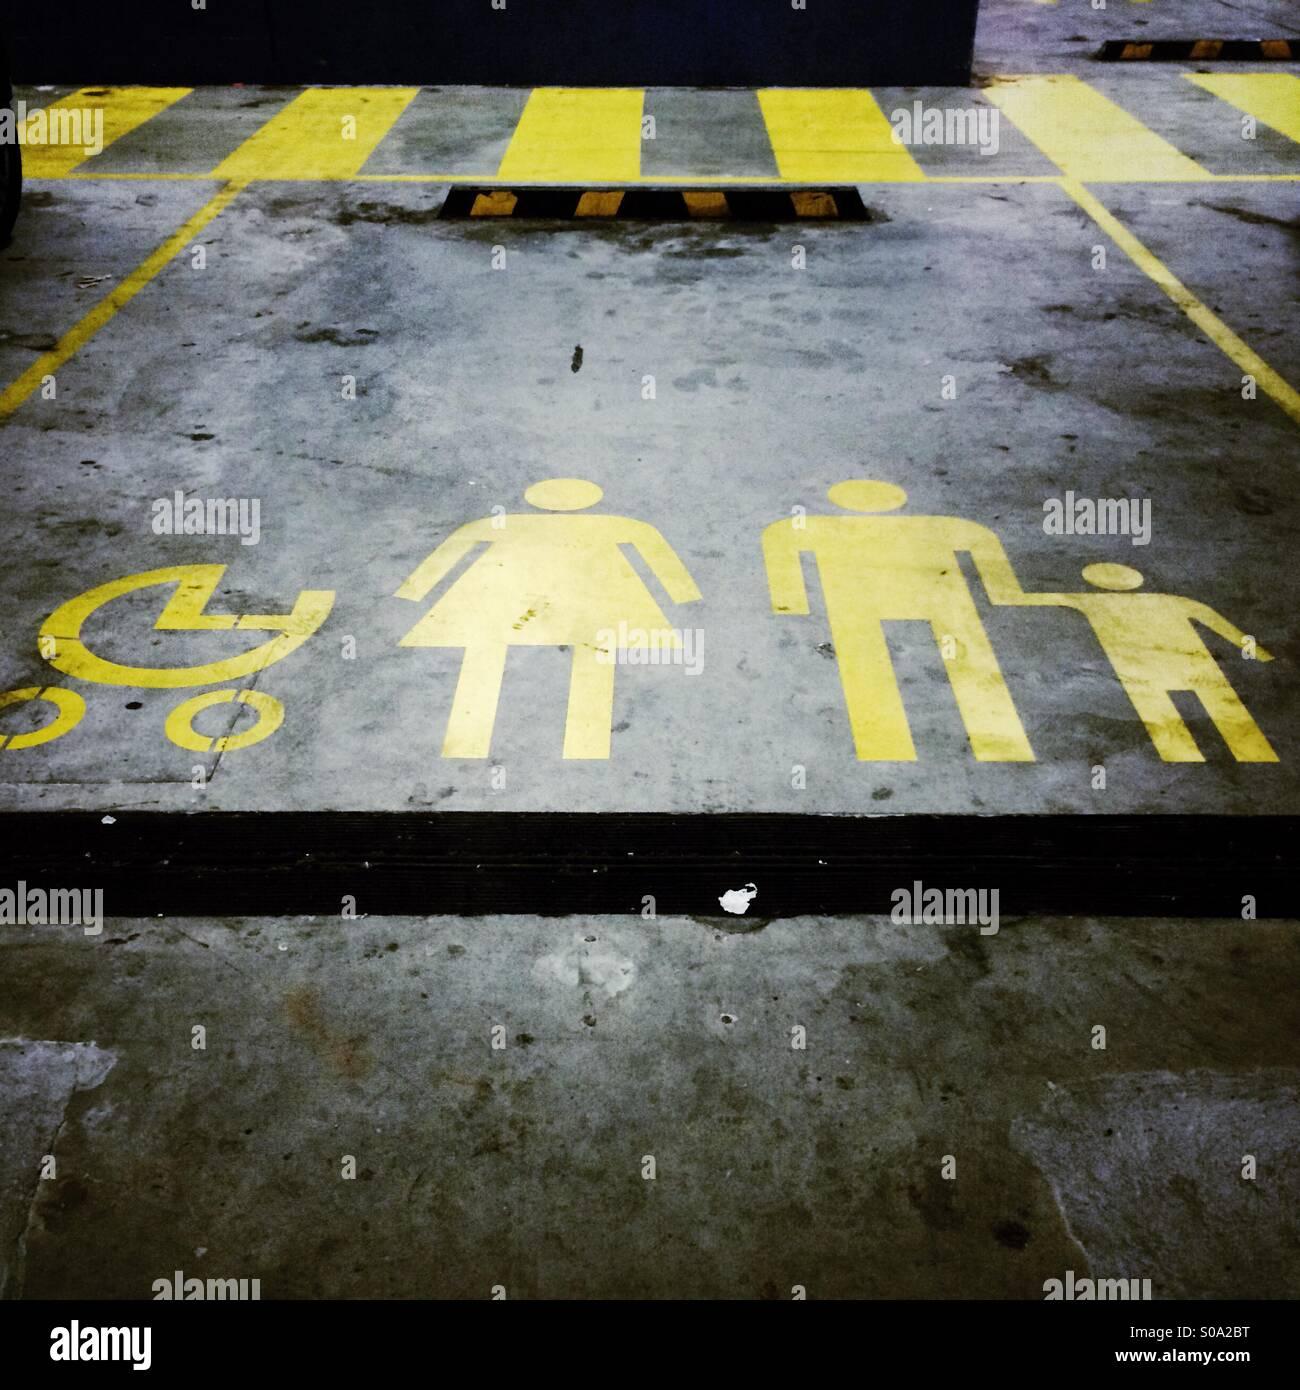 Parkplatz reserviert für Familien mit Kinderwagen Stockbild